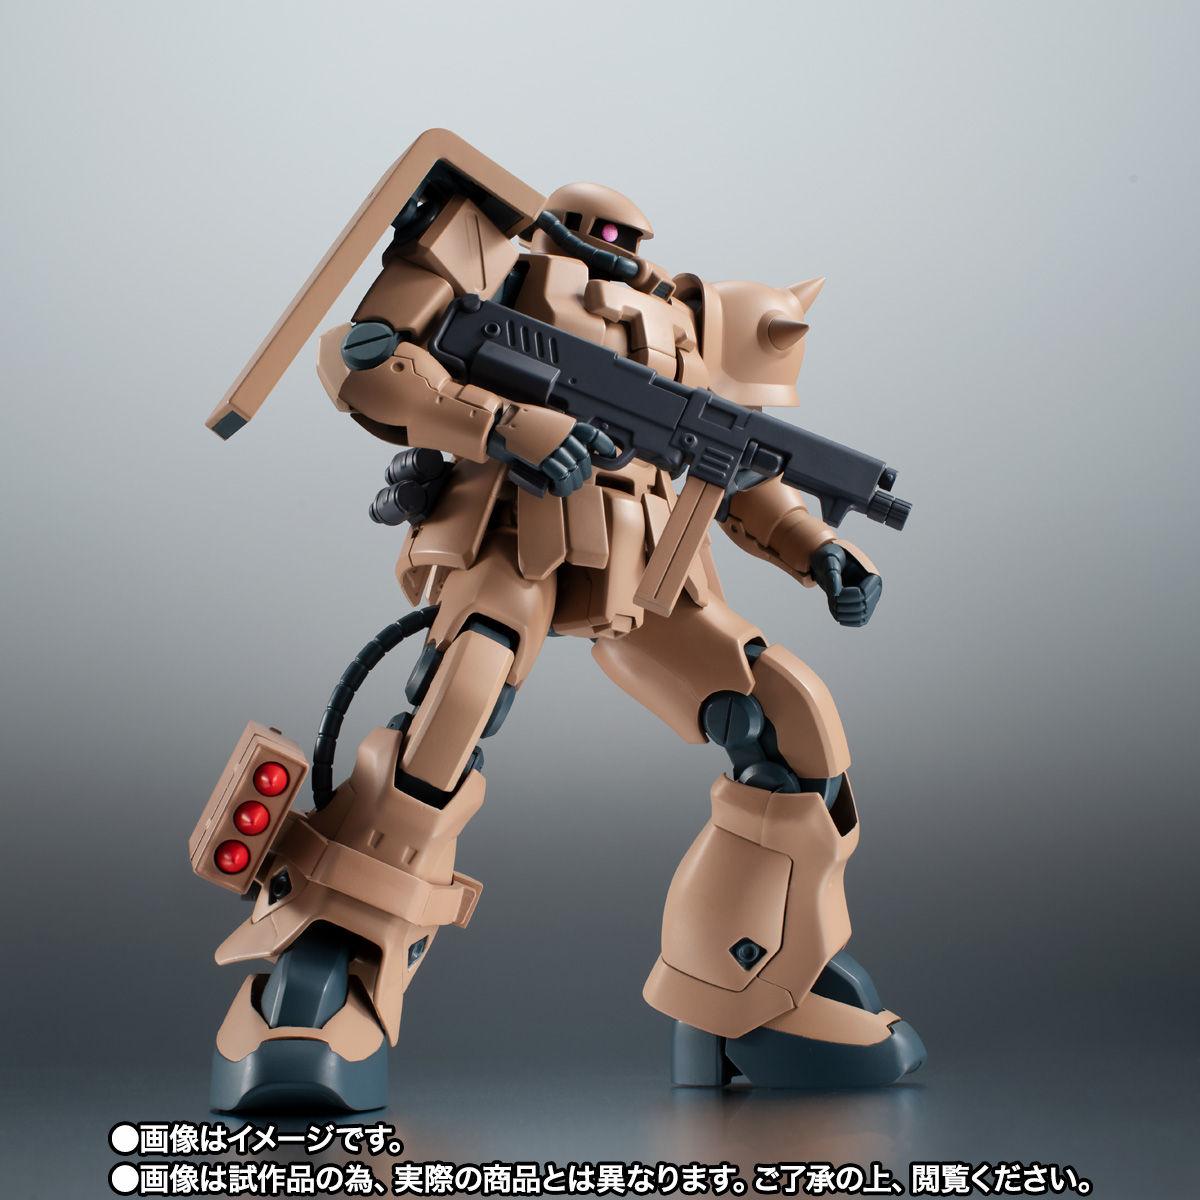 【限定販売】ROBOT魂〈SIDE MS〉『MS-06F-2 ザクII F2型 キンバライド基地仕様 ver. A.N.I.M.E.』ガンダム0083 可動フィギュア-002